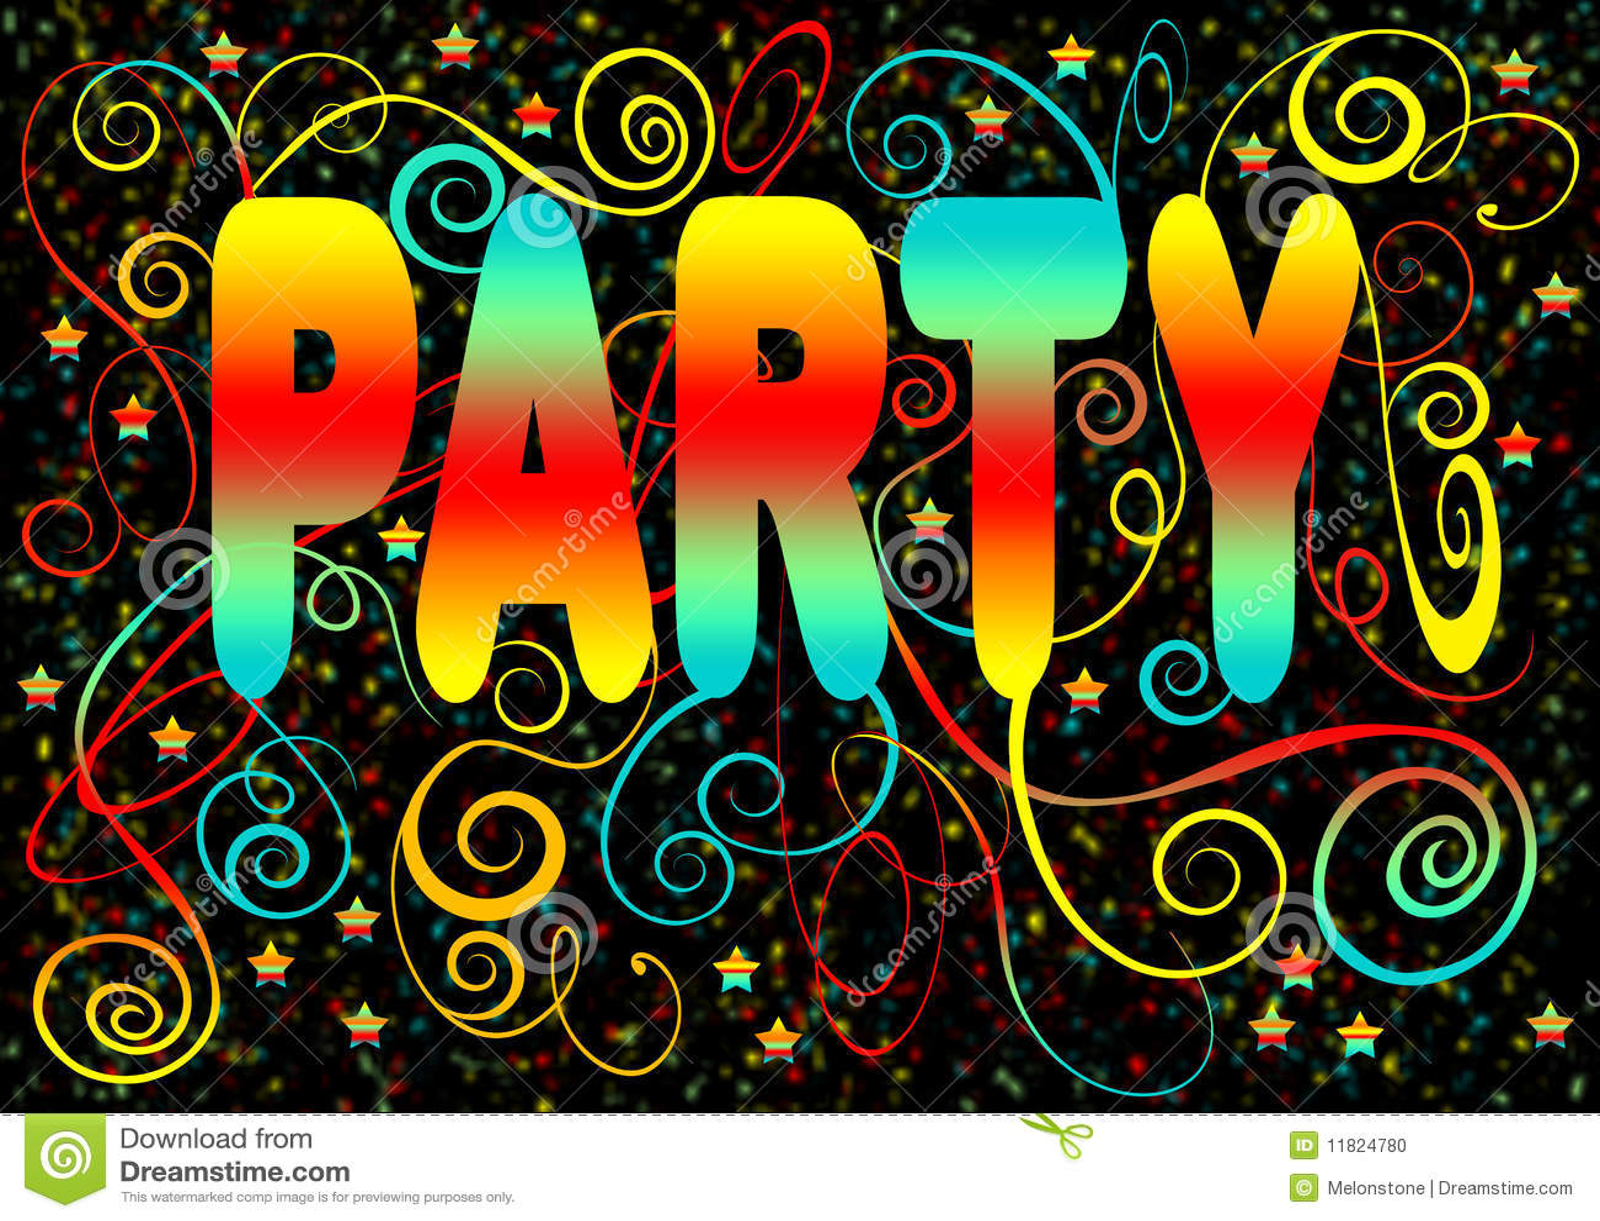 funkelnde-party-einladungs-auslegung-11824780.jpg